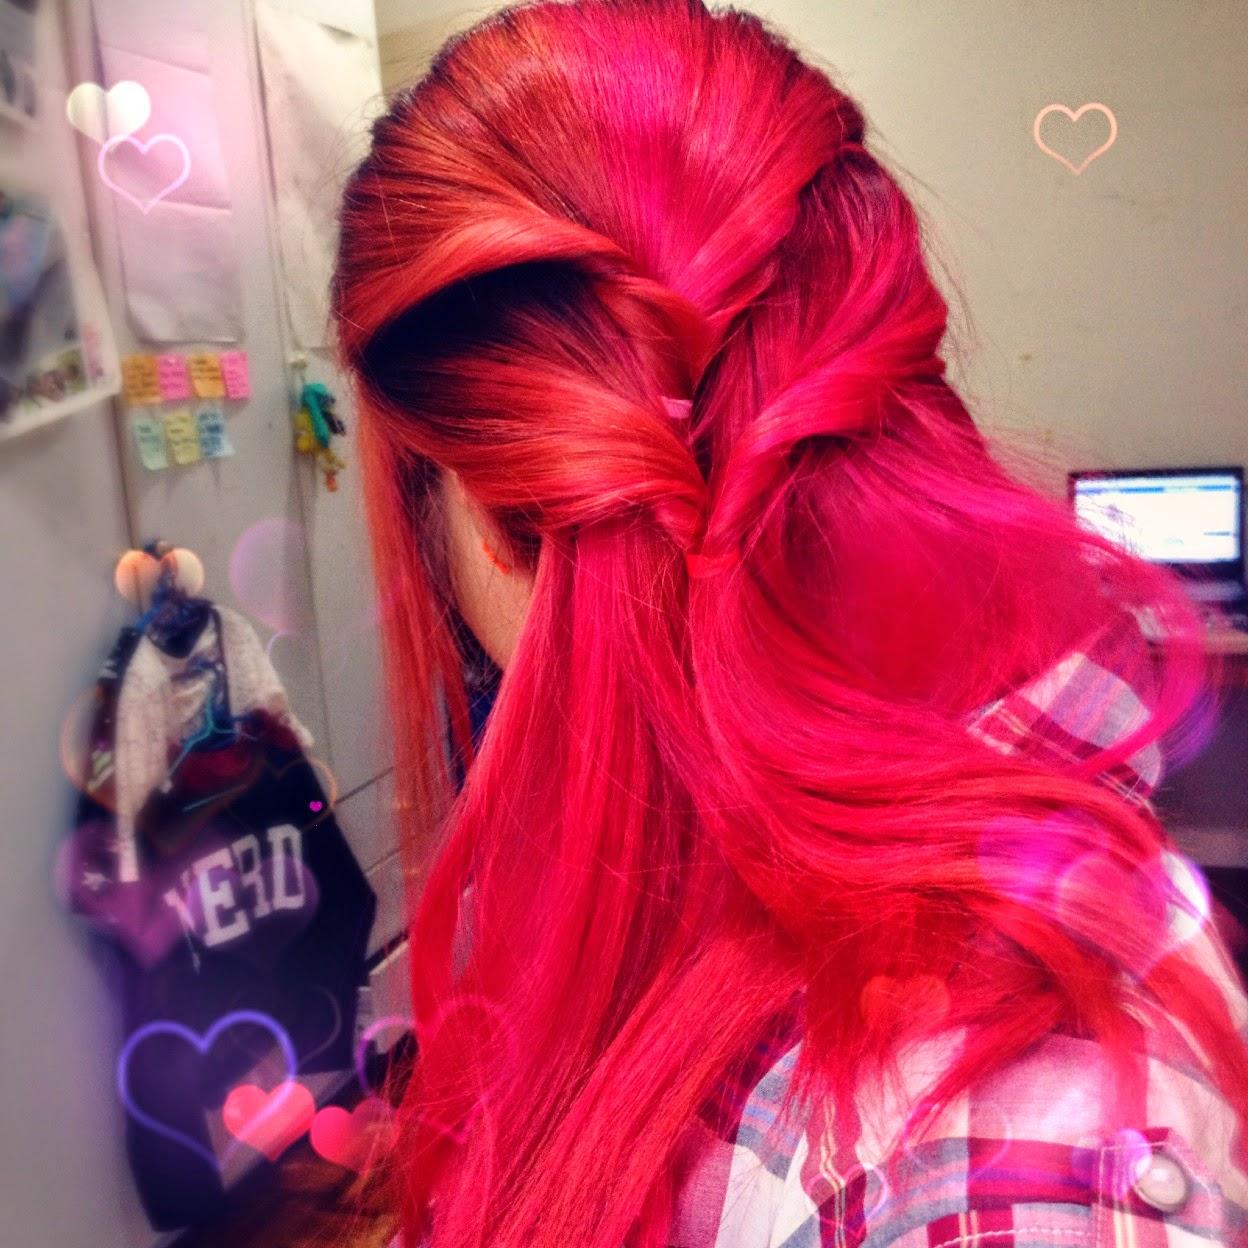 halway braid, Vibrant pink hair, Pastel pink hair, Pink hair, Cute